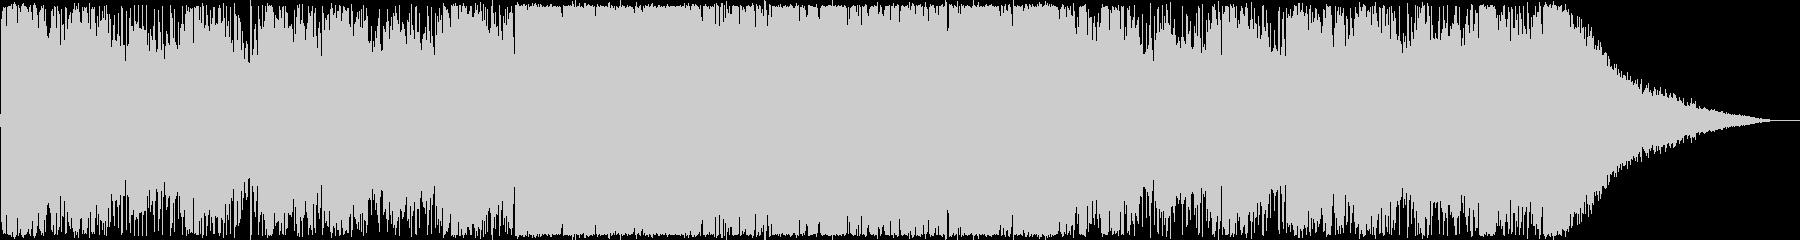 オープニング・楽しい夏・トロピカルハウスの未再生の波形